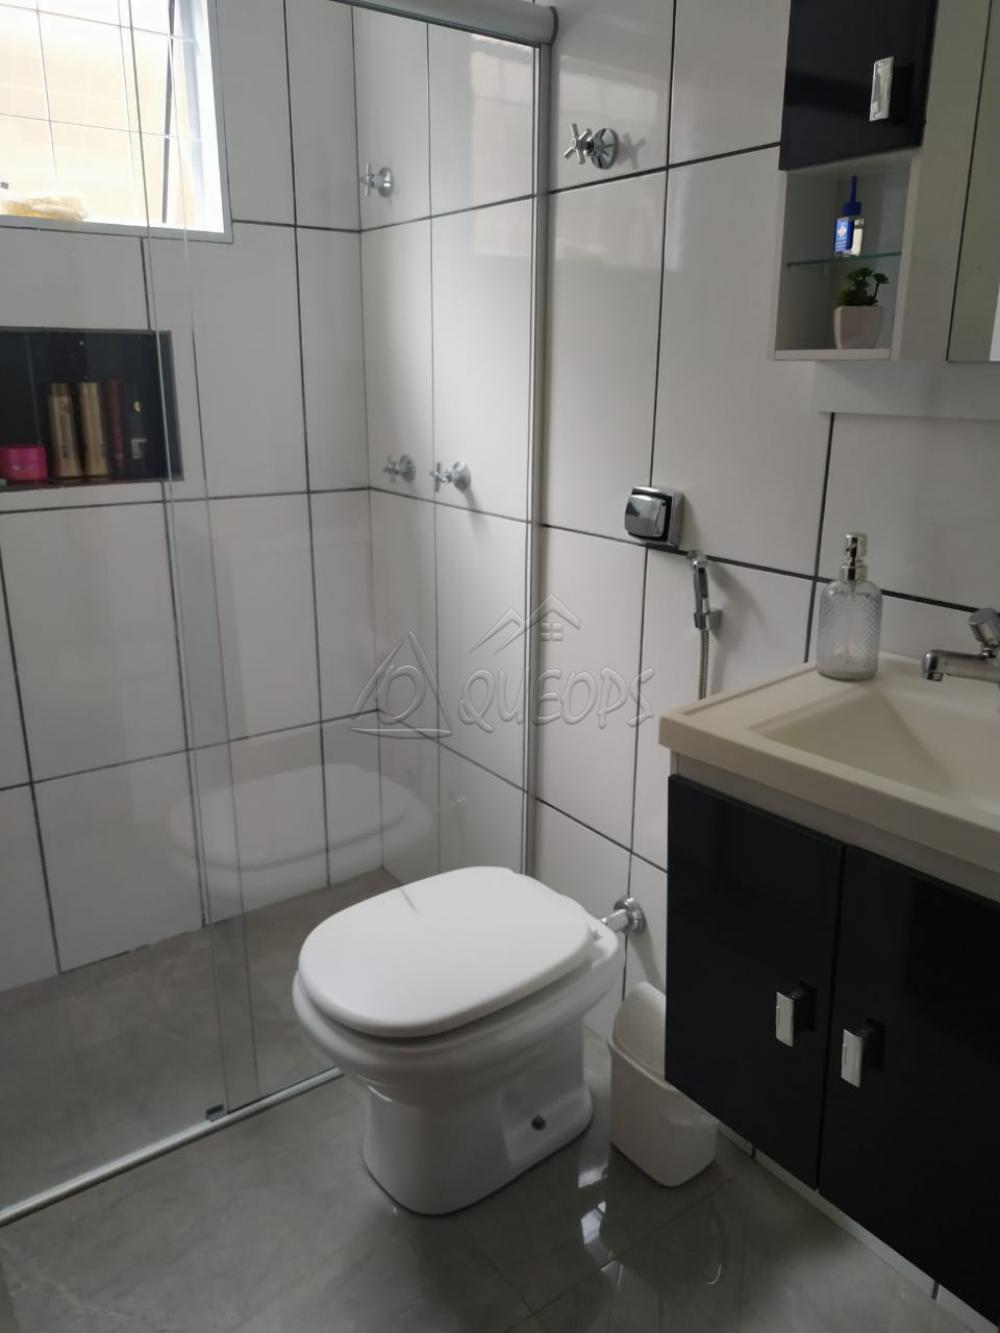 Comprar Casa / Padrão em Barretos apenas R$ 230.000,00 - Foto 5